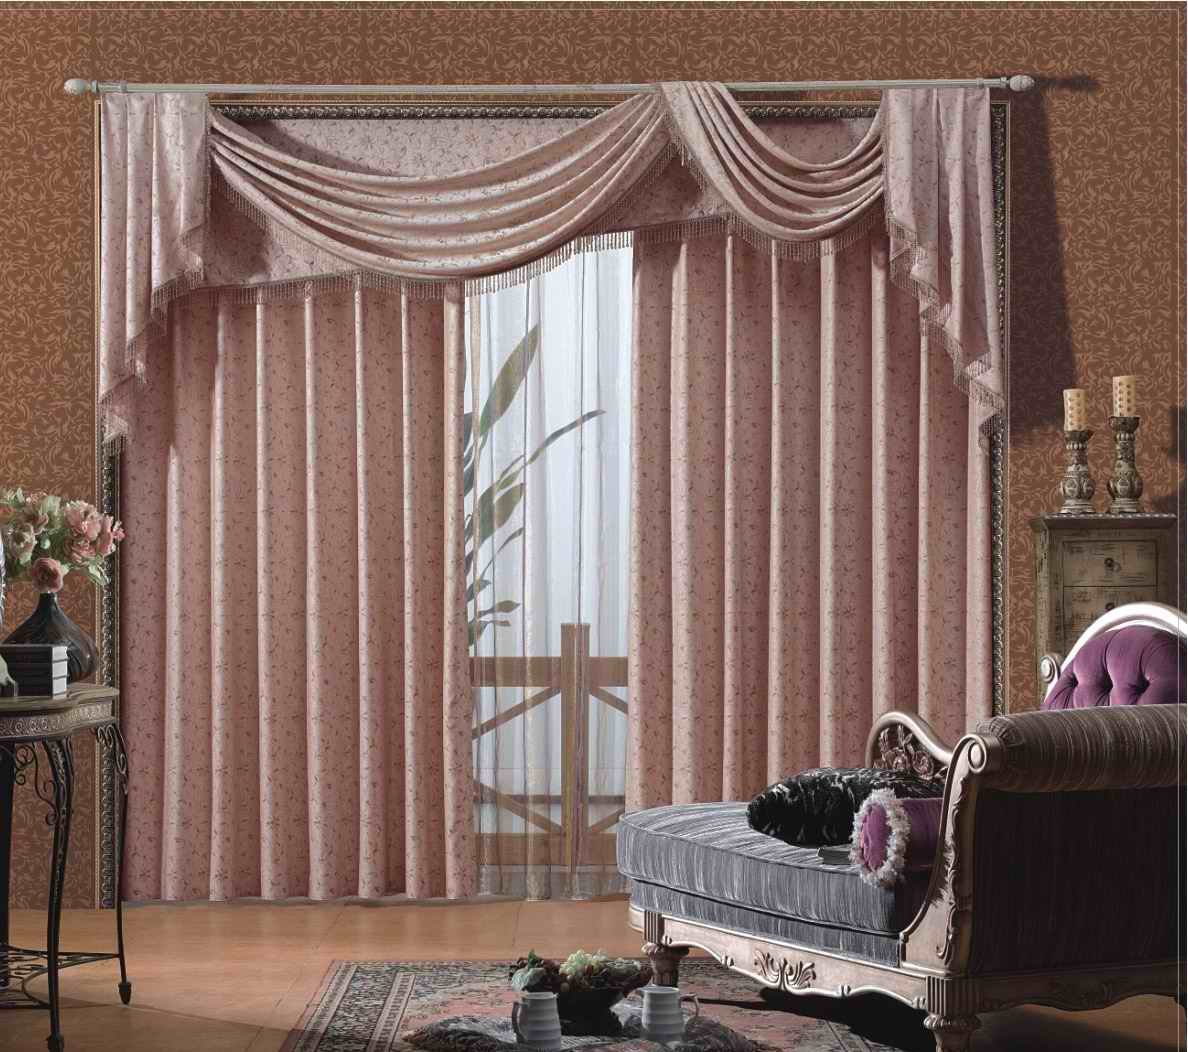 Cortinas para todos los estilos - Estilos de cortinas ...